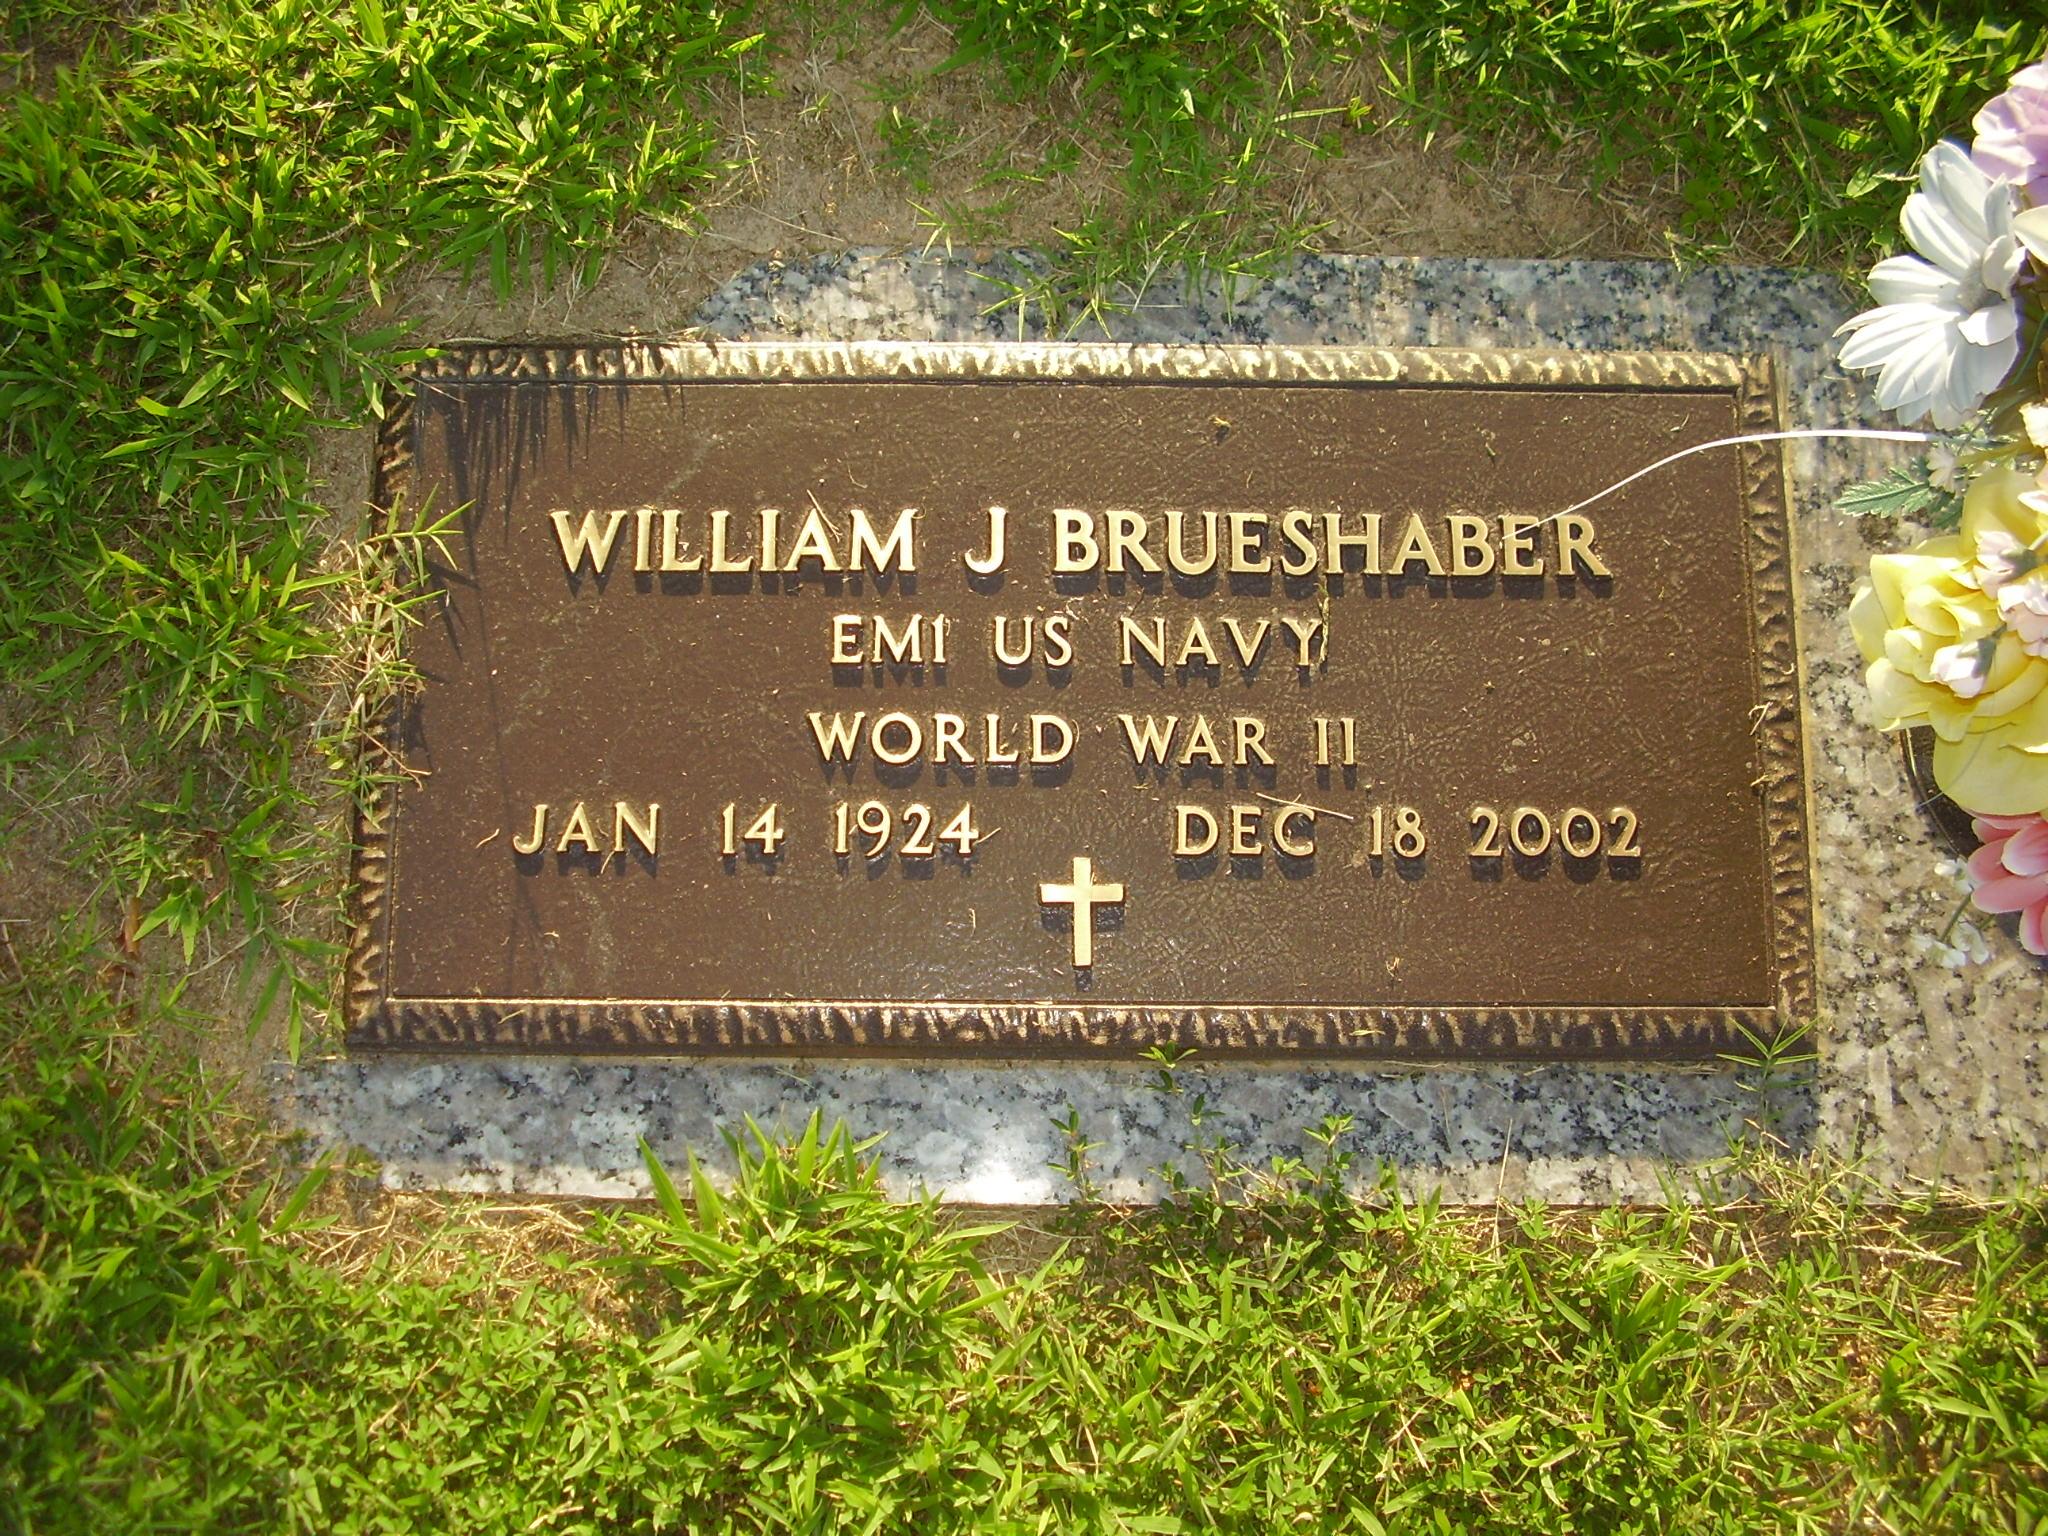 William J Brueshaber